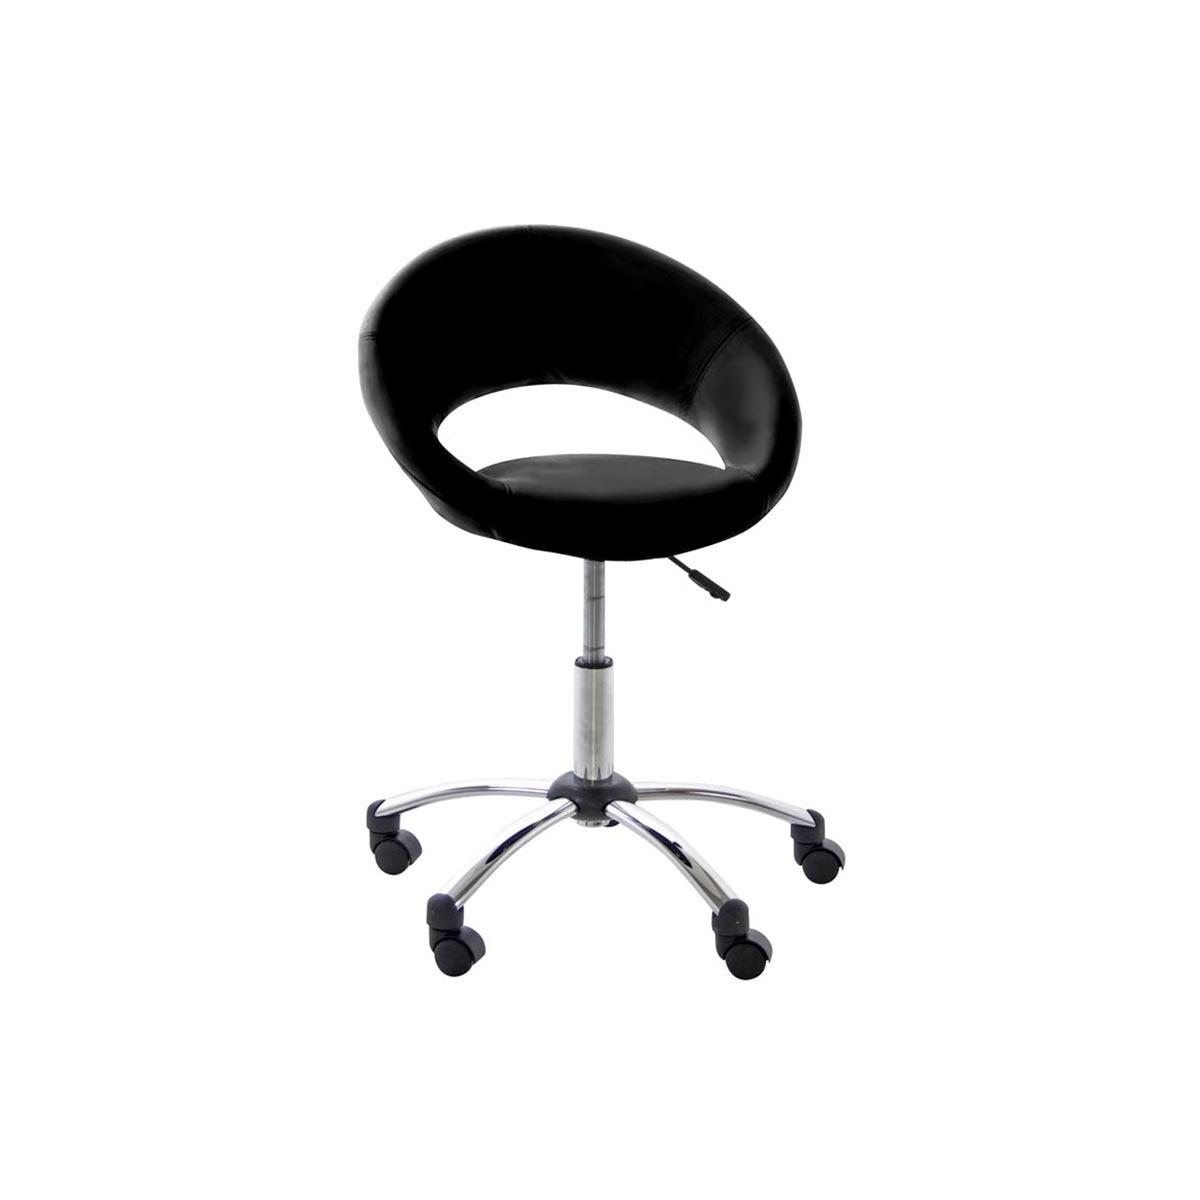 Poltrona da ufficio a rotelle design color nero PINTO